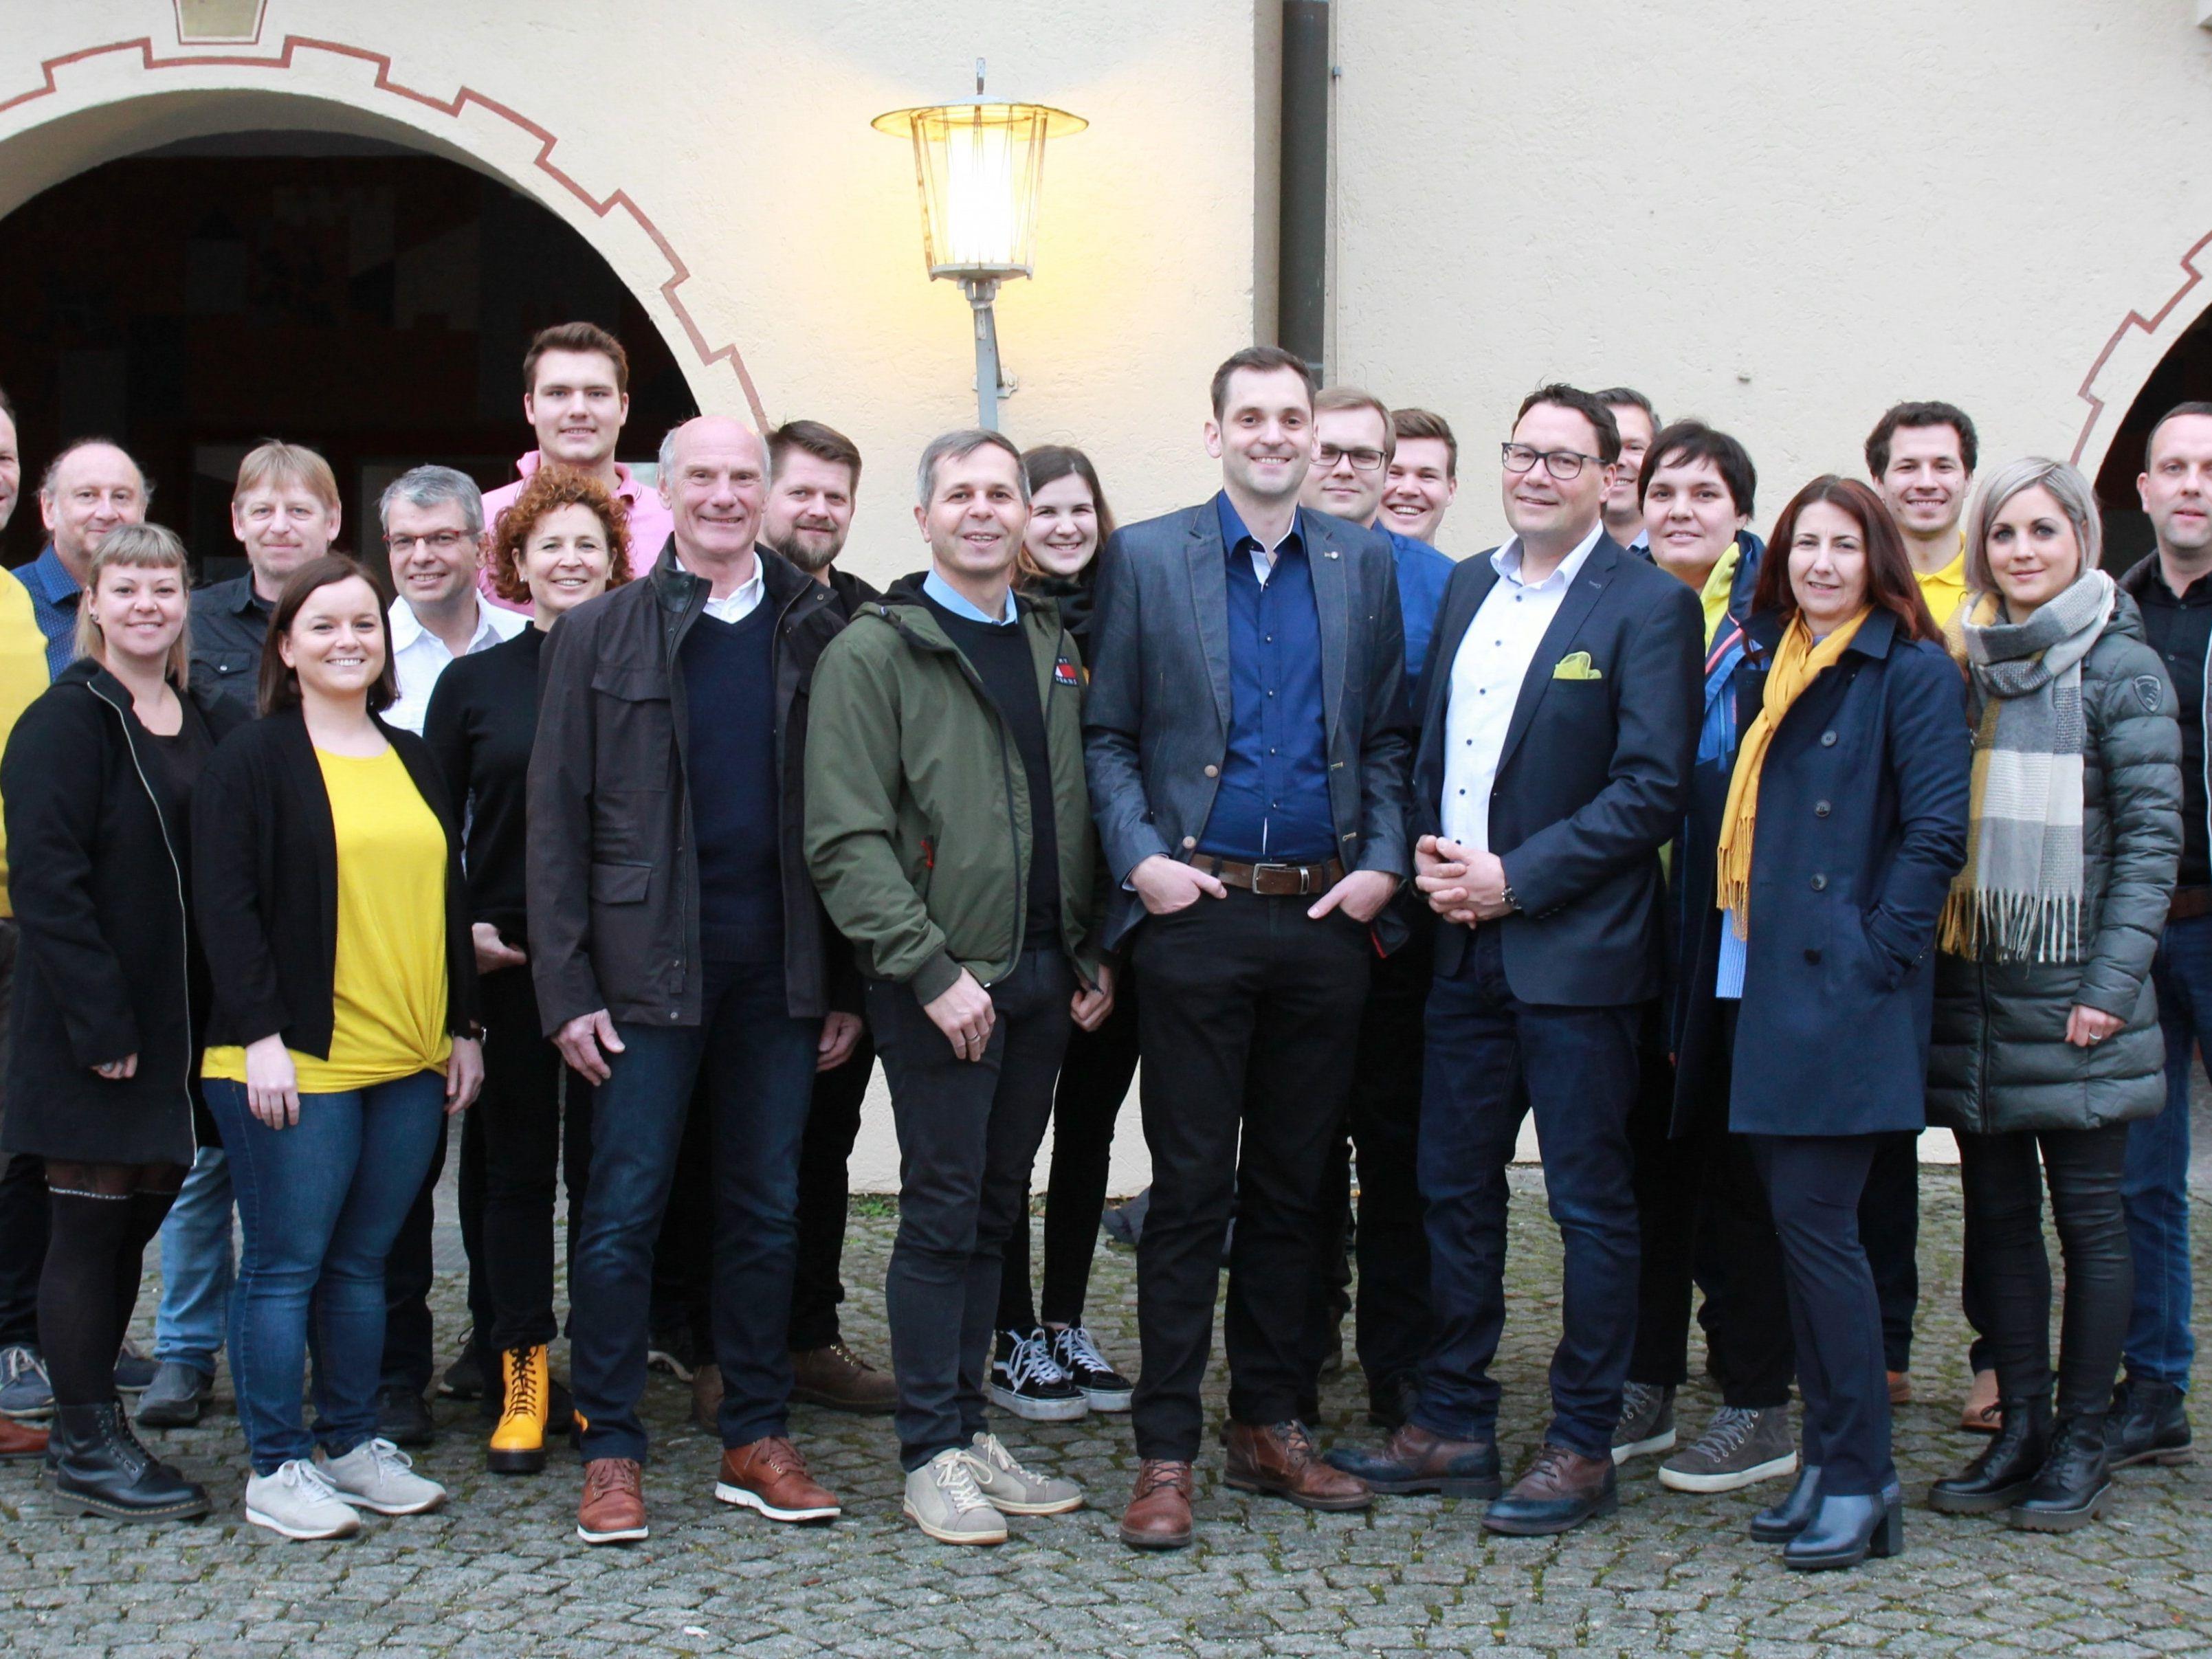 Biotopexkursion - Marktgemeinde Hrbranz - Veranstaltungen